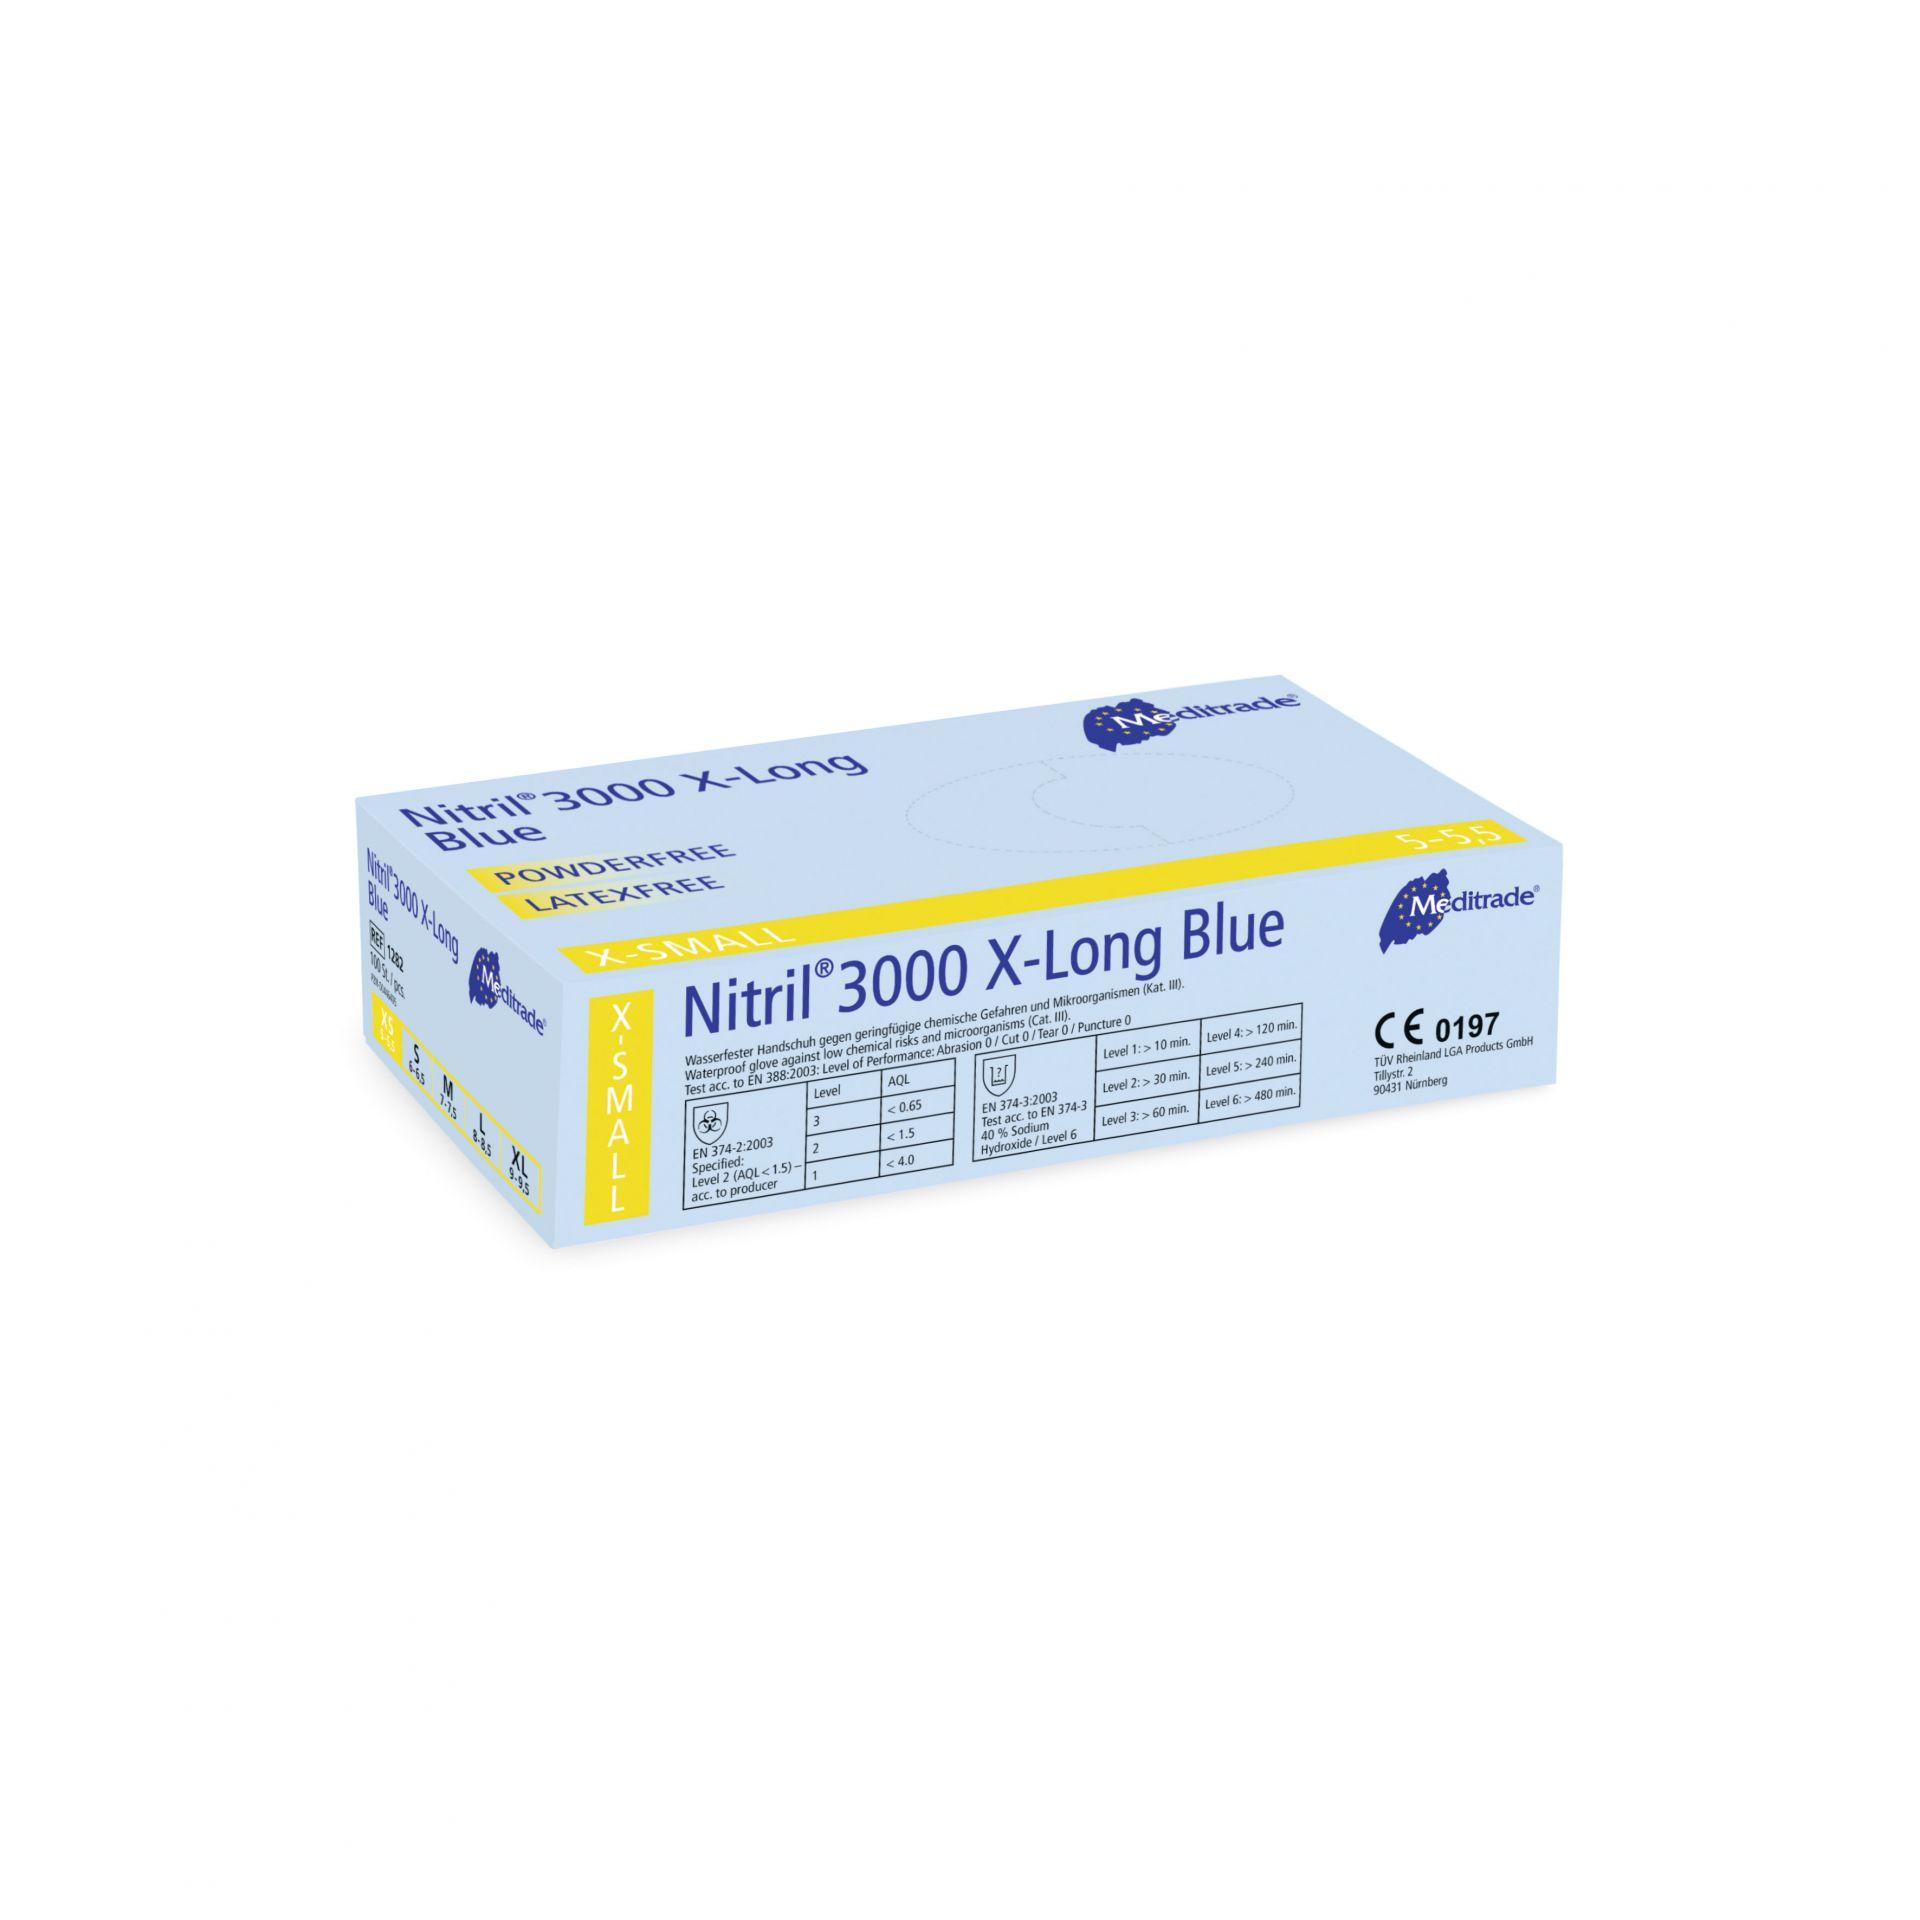 Meditrade Nitril® 3000 x-long Blue Untersuchungshandschuhe - Packung à 100 Stück